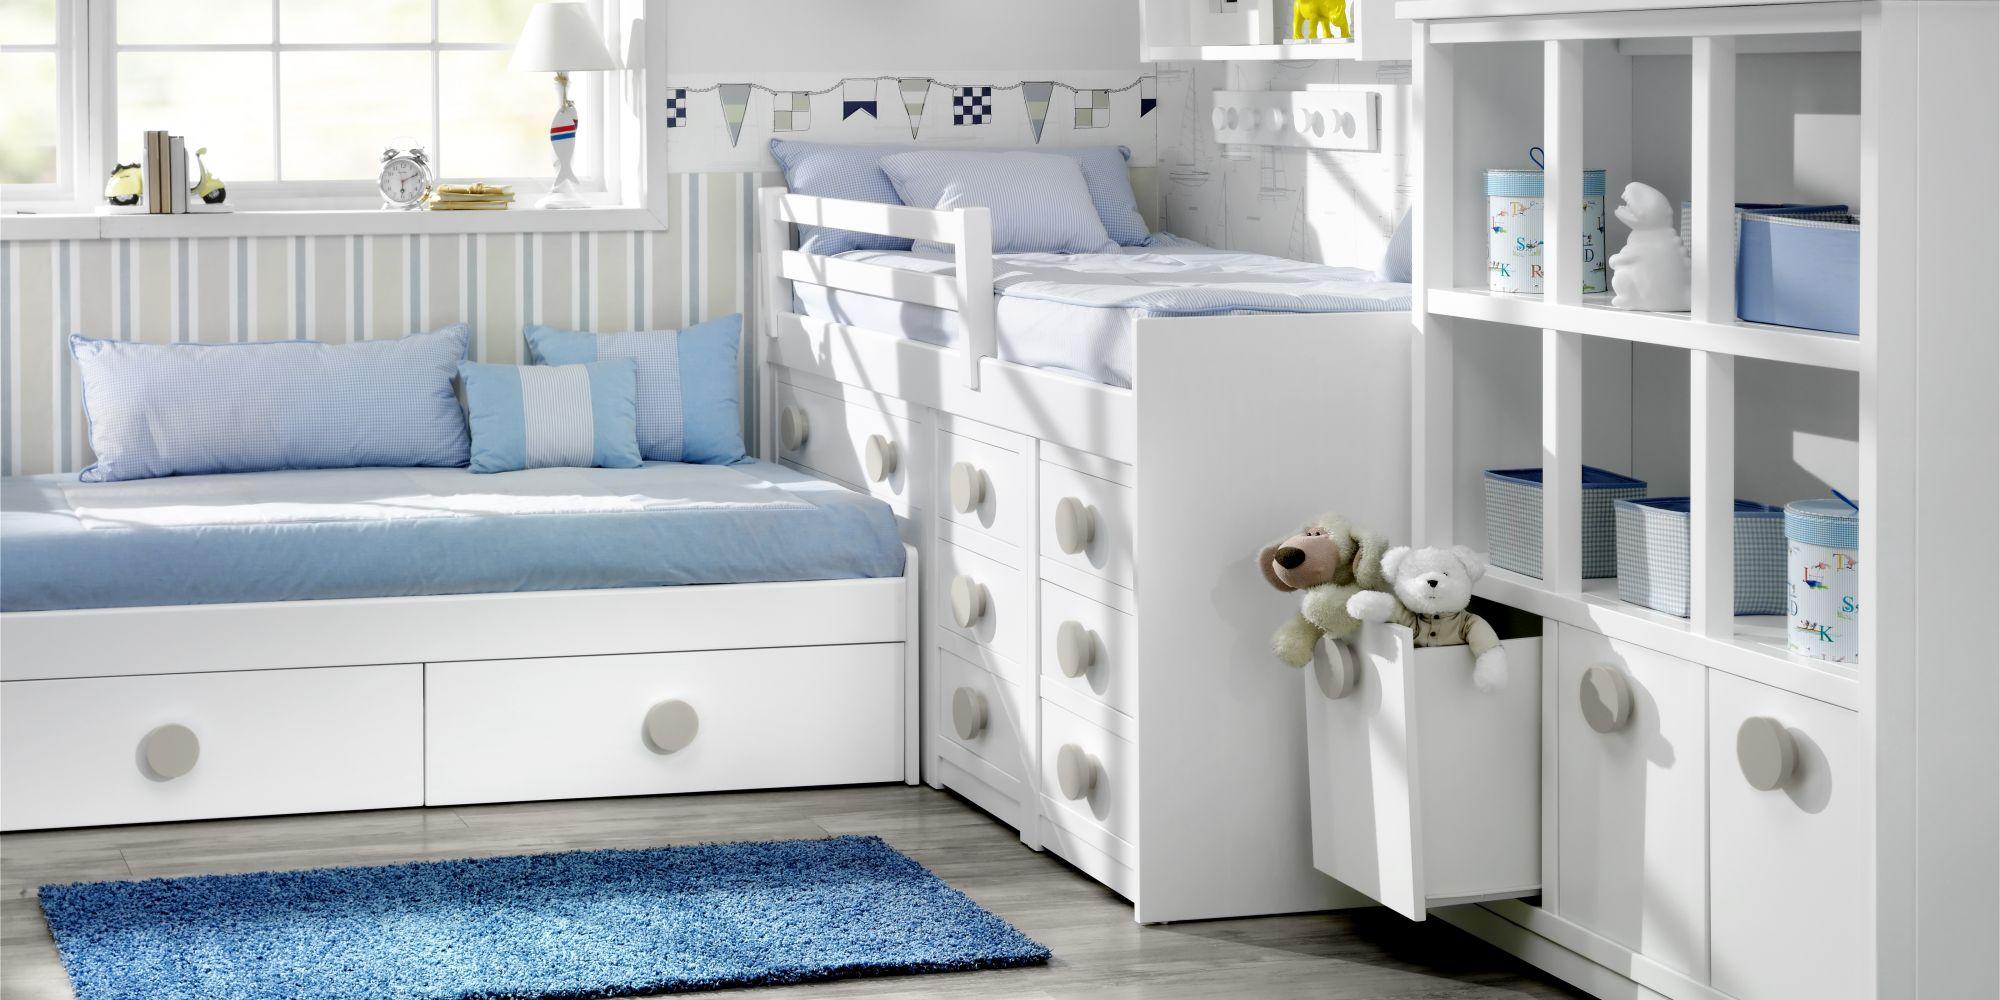 Bloque bajo de dos camas con cajones inferiores y gran librería